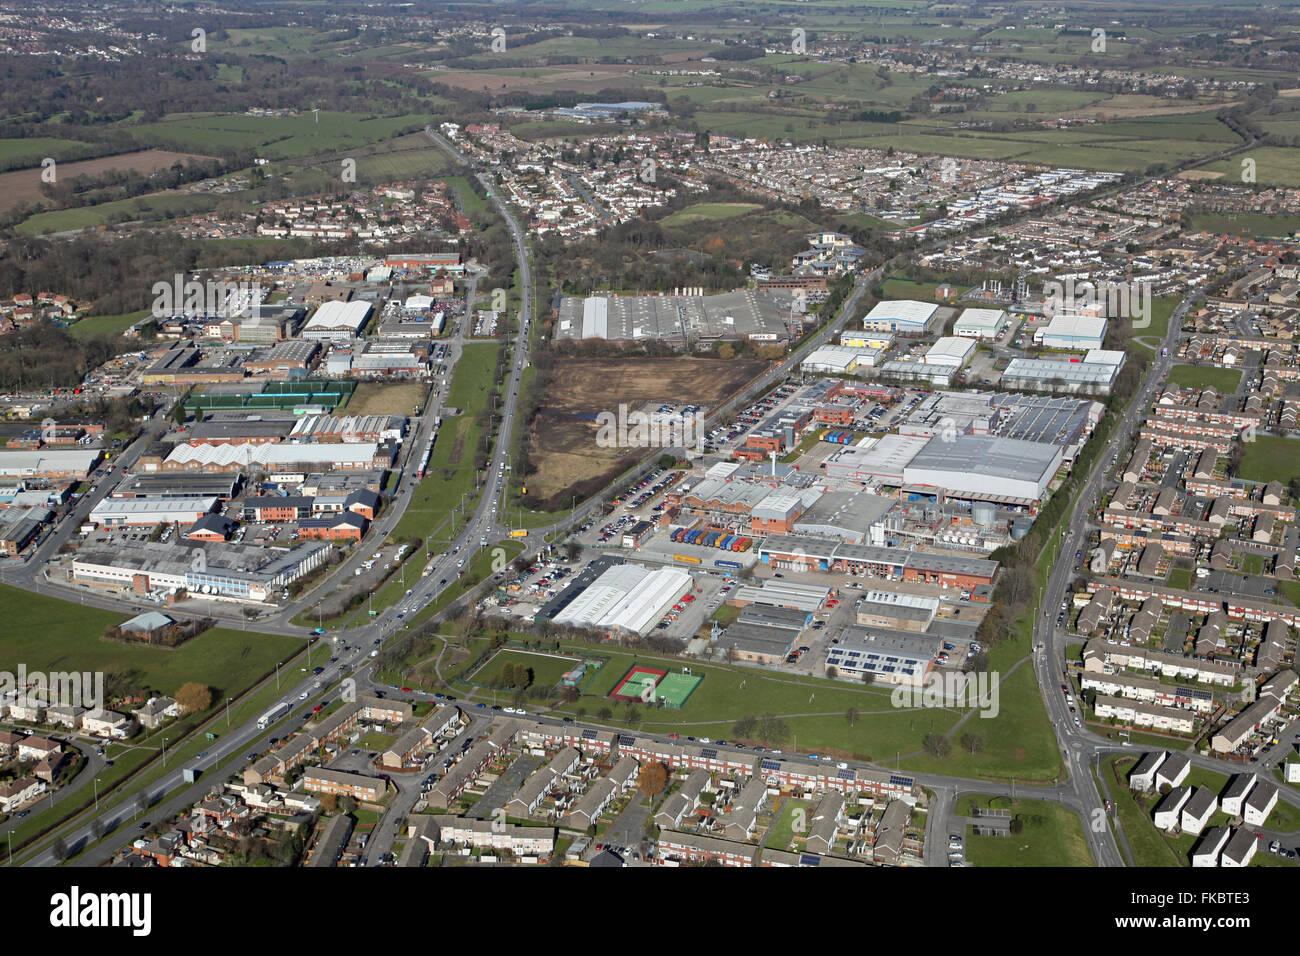 Vista aerea di carbone su strada e Limewood approccio con l'anello di Leeds Road A6120, Regno Unito Immagini Stock